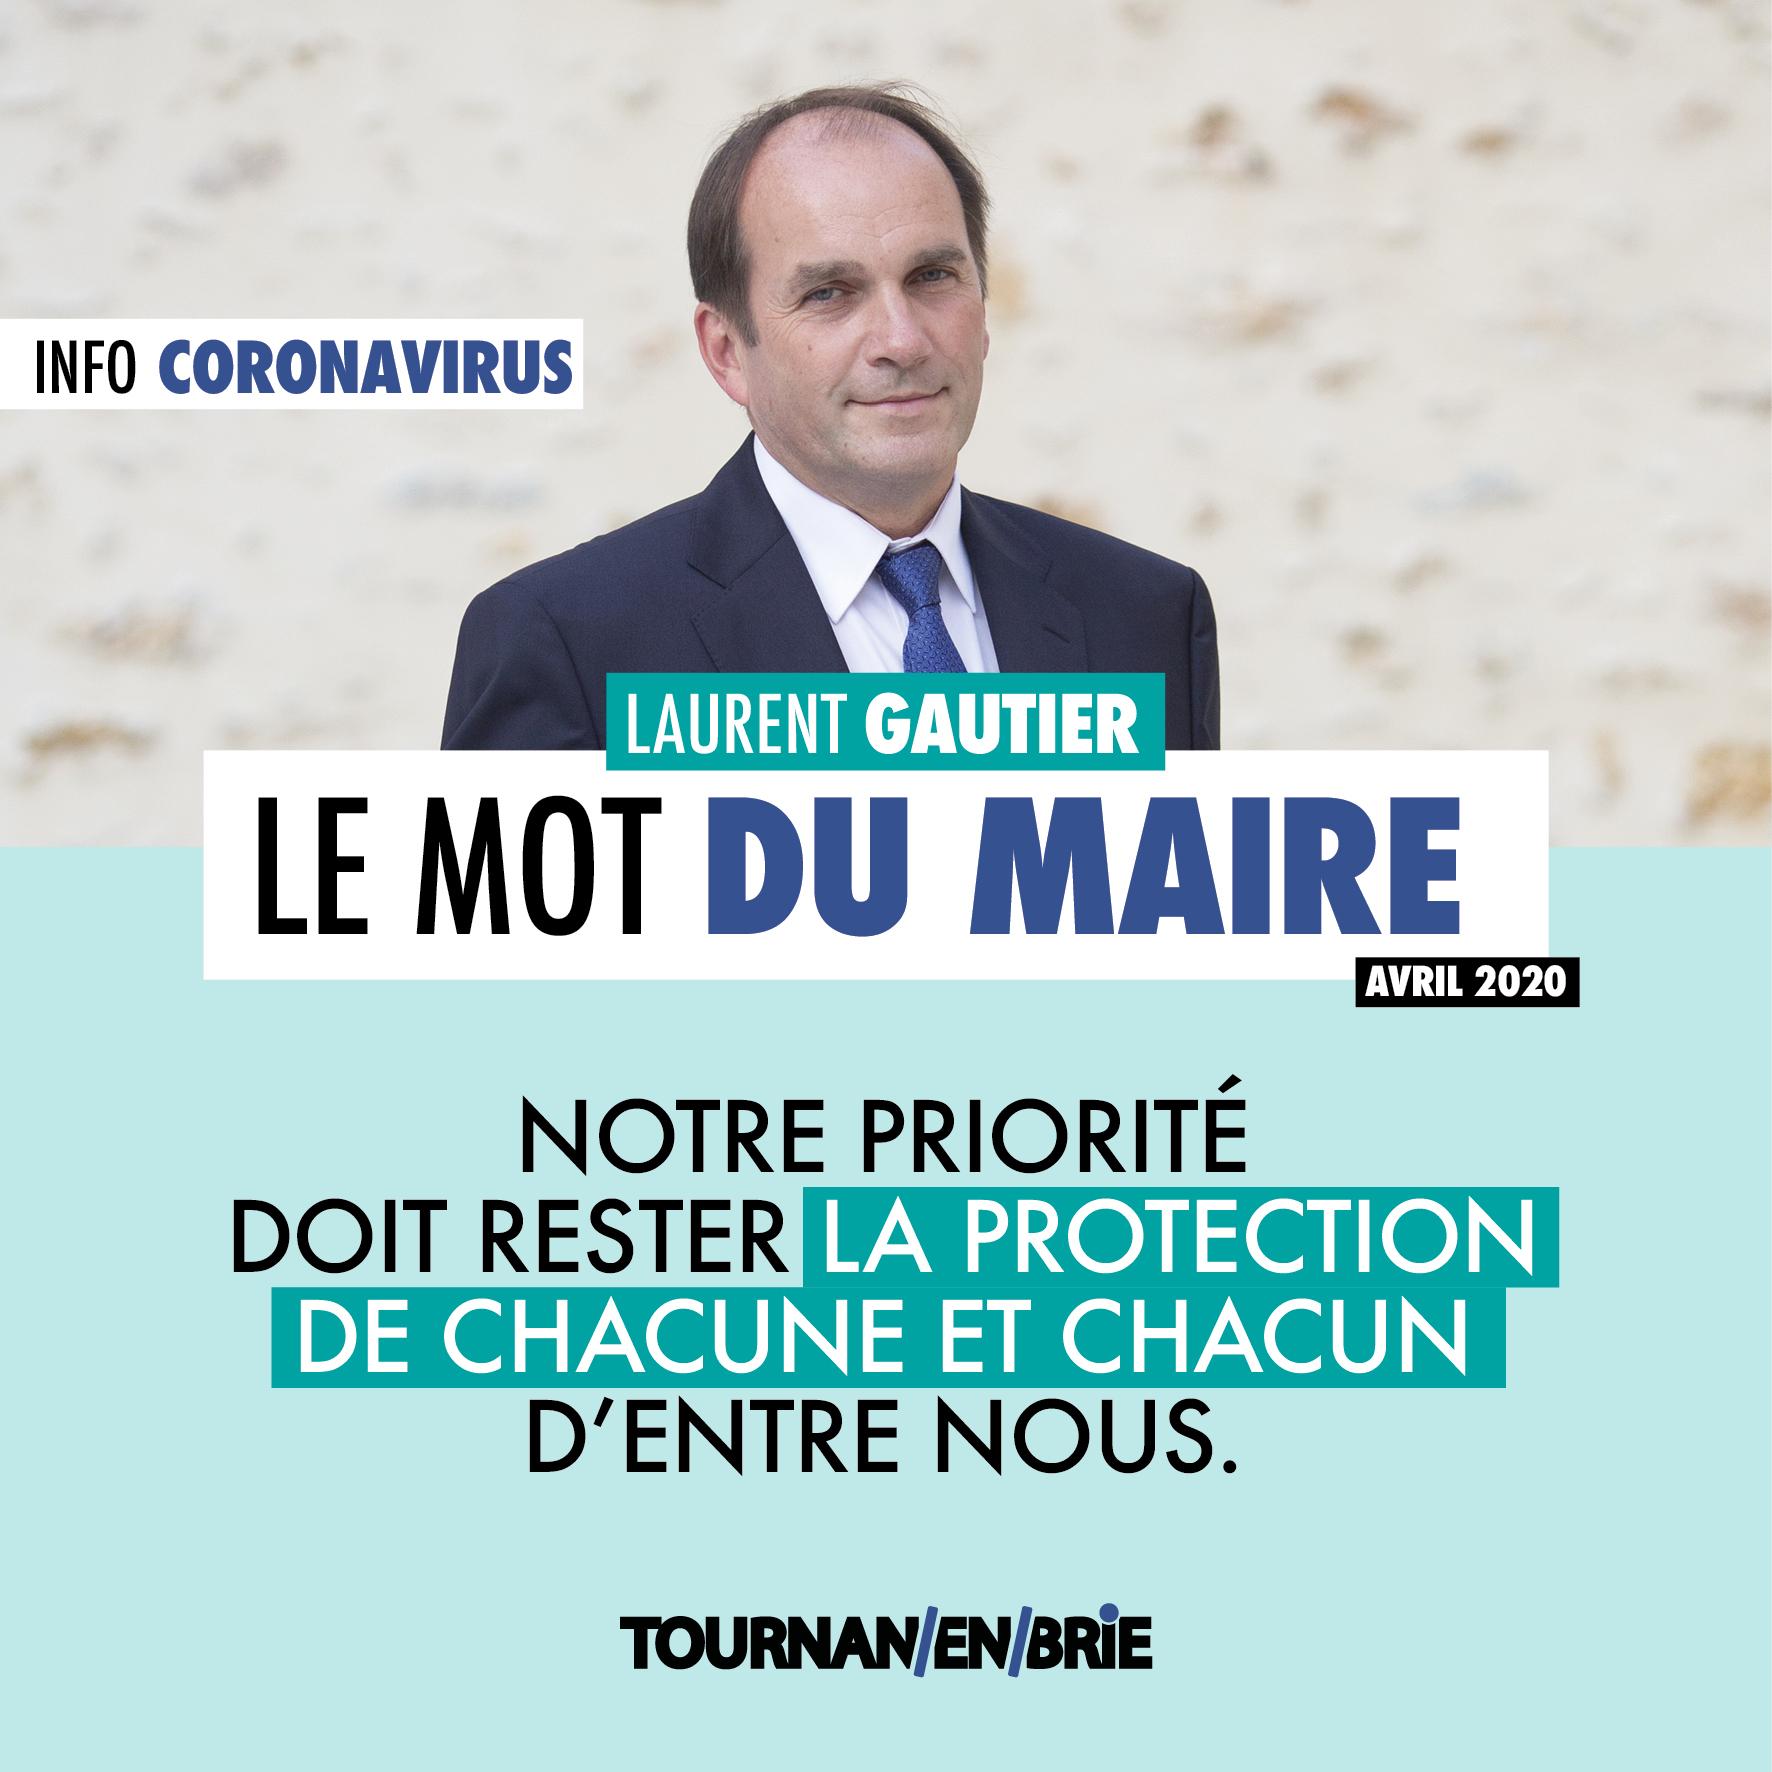 INFO CORONAVIRUS: LE MOT DU MAIRE - AVRIL 2020